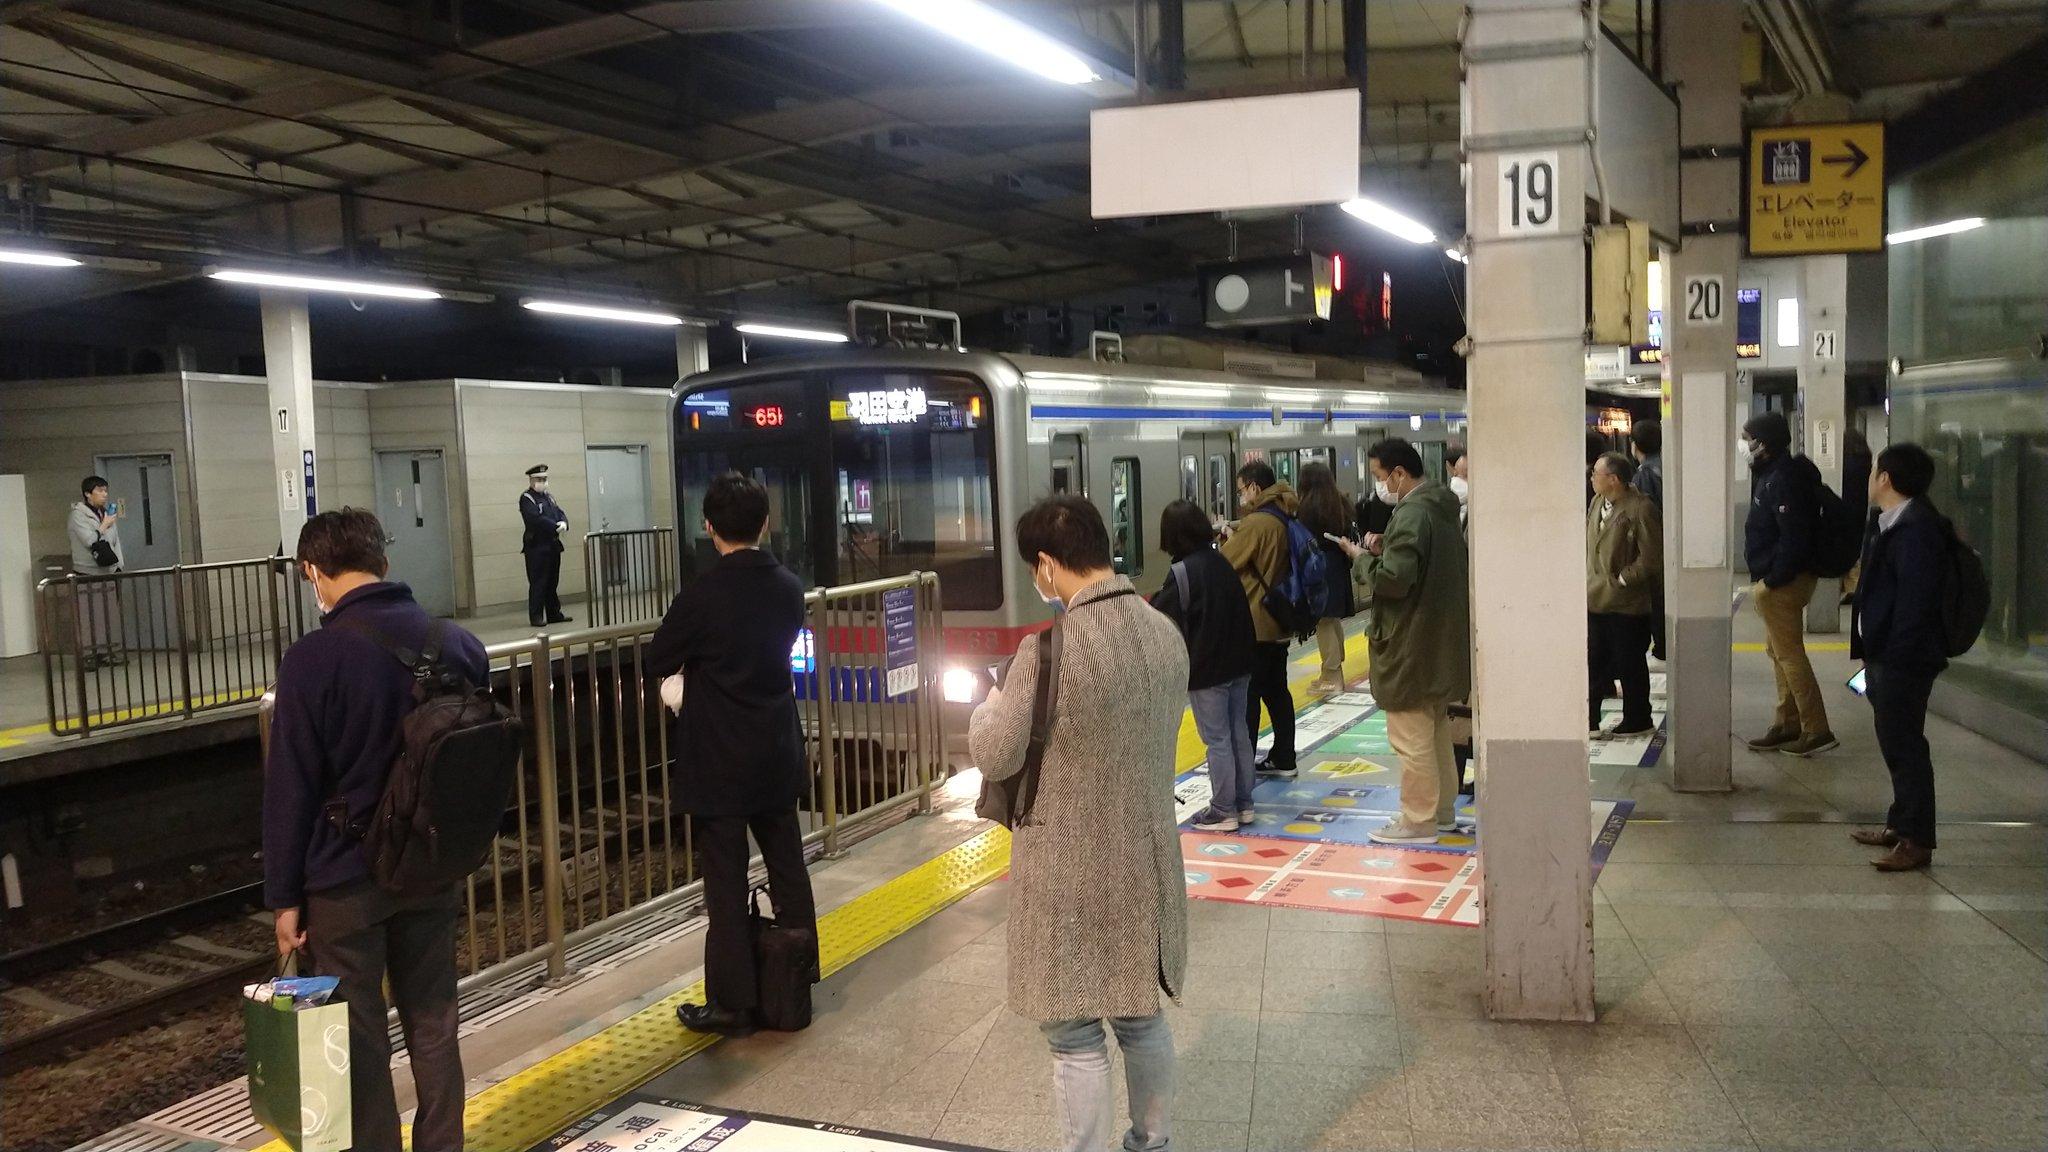 品川駅で人身事故が起きた現場の画像